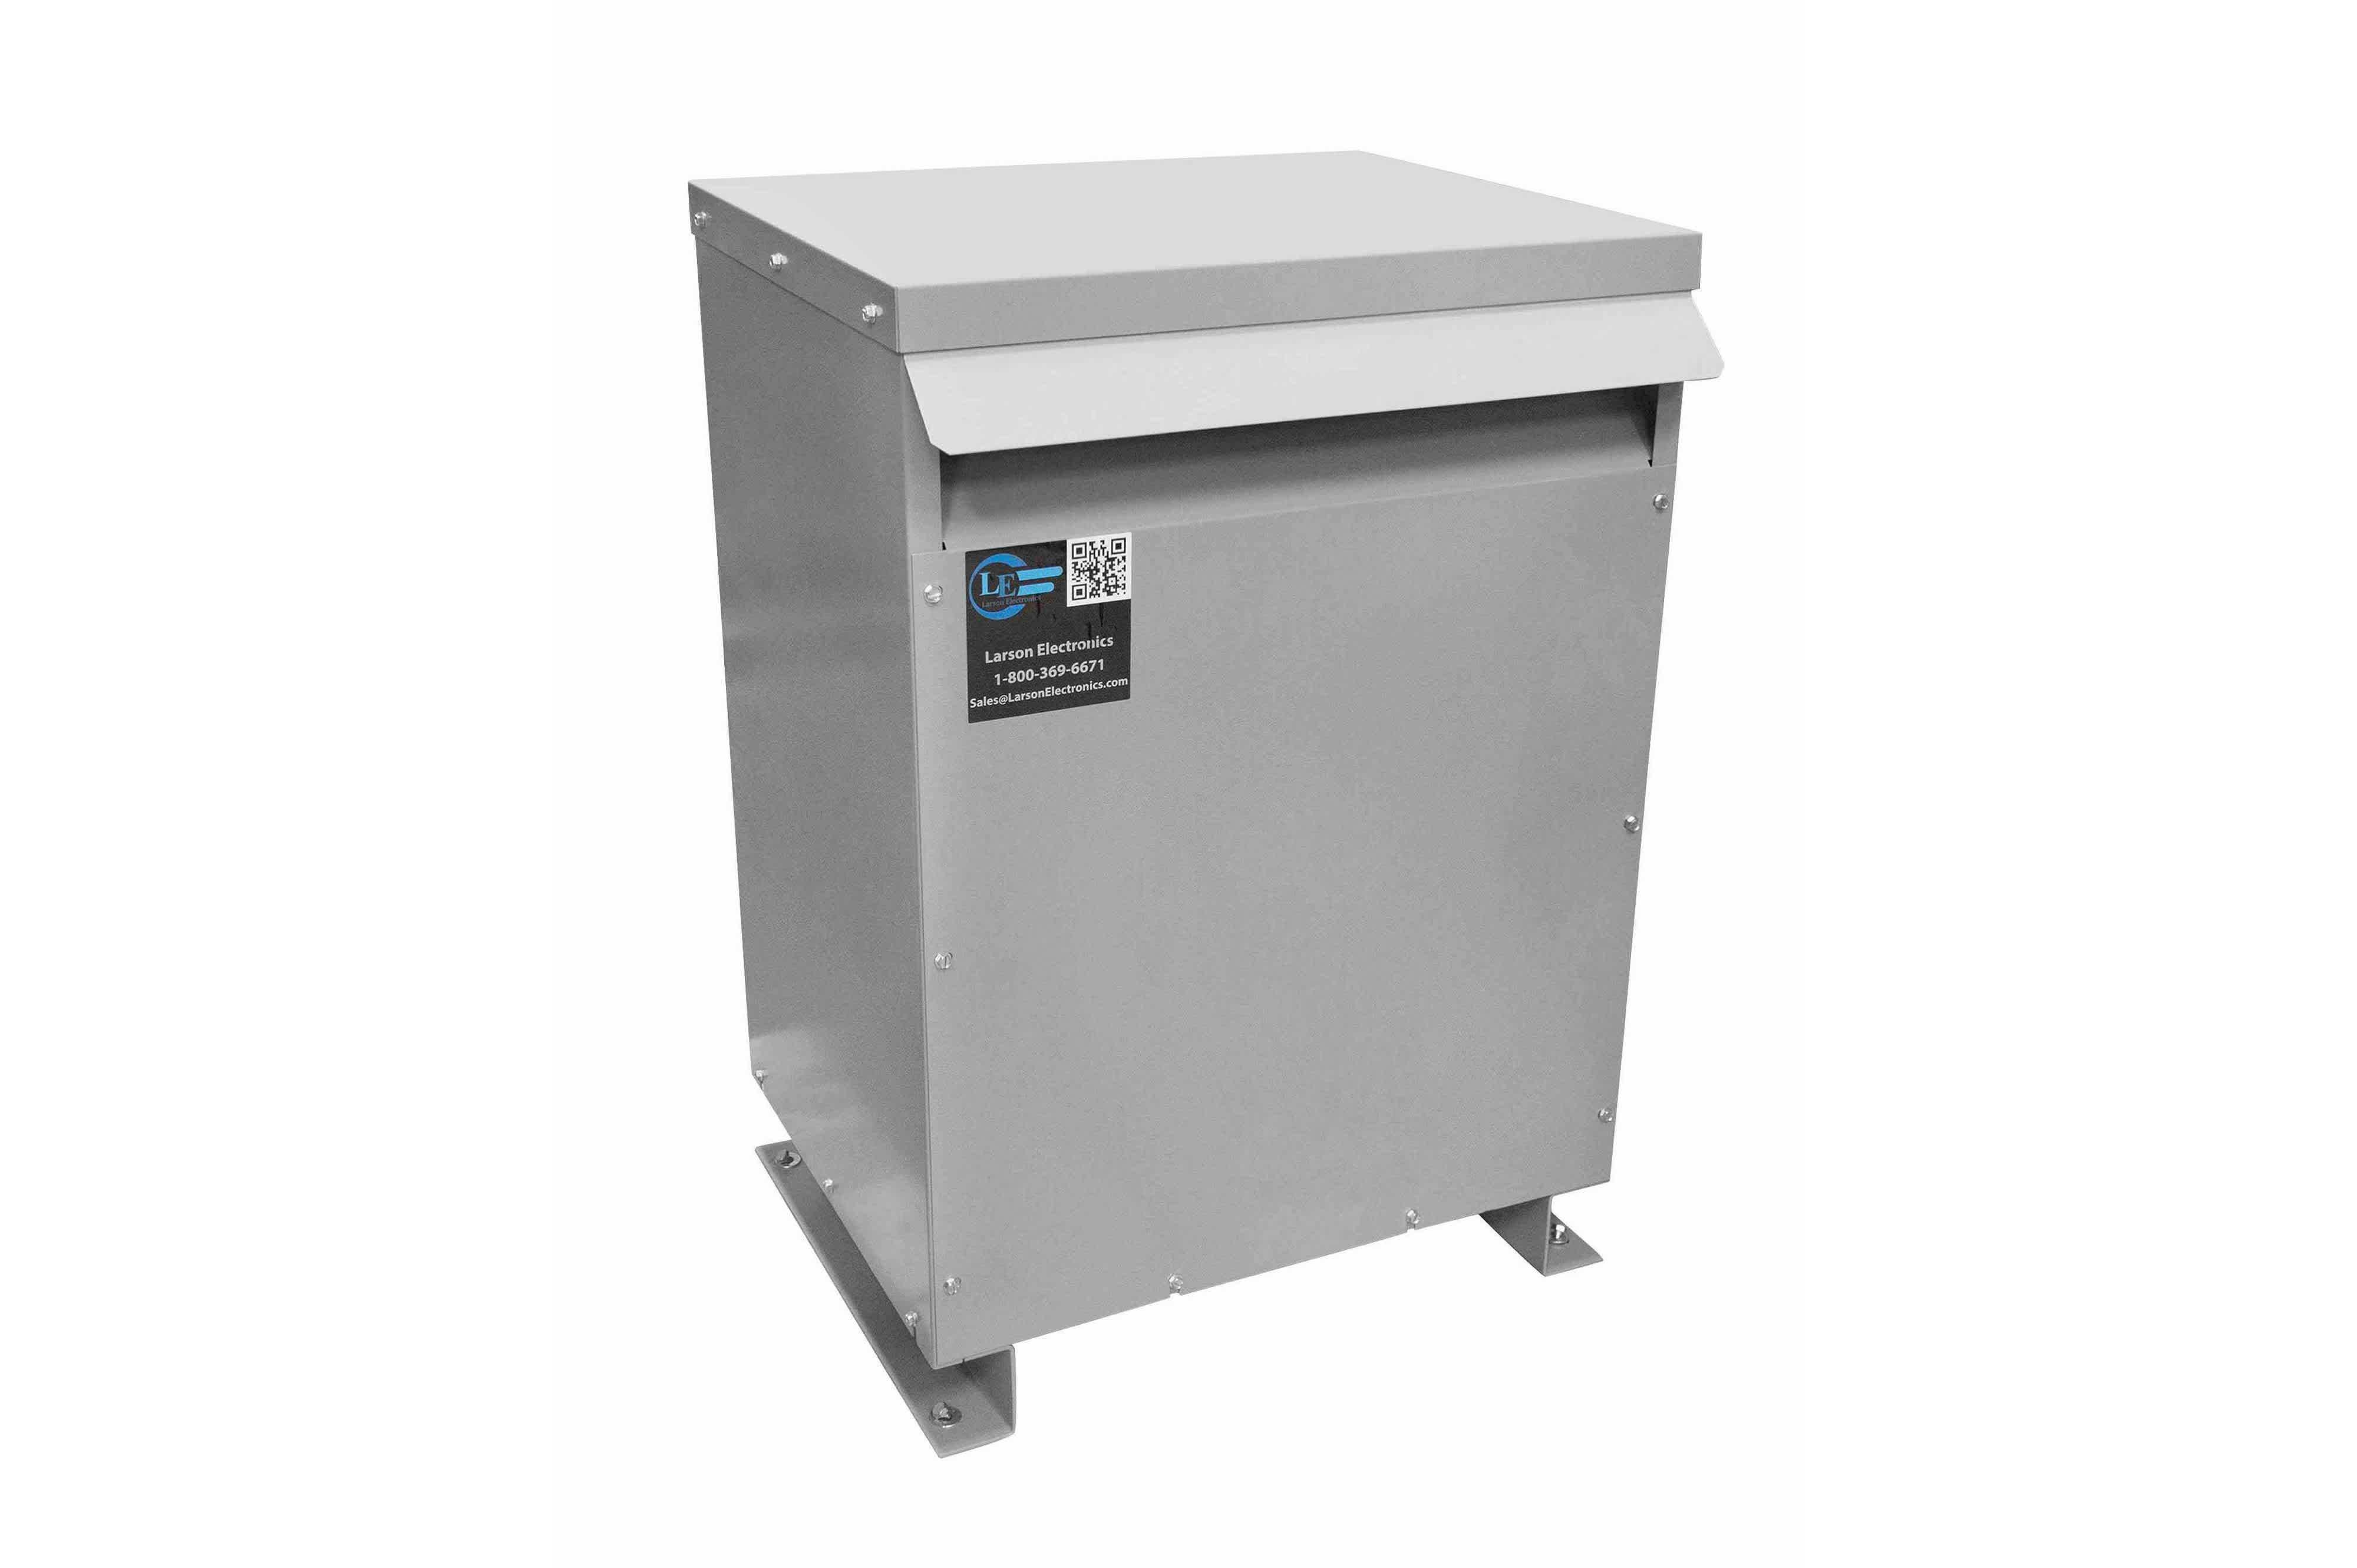 1000 kVA 3PH Isolation Transformer, 575V Delta Primary, 380V Delta Secondary, N3R, Ventilated, 60 Hz